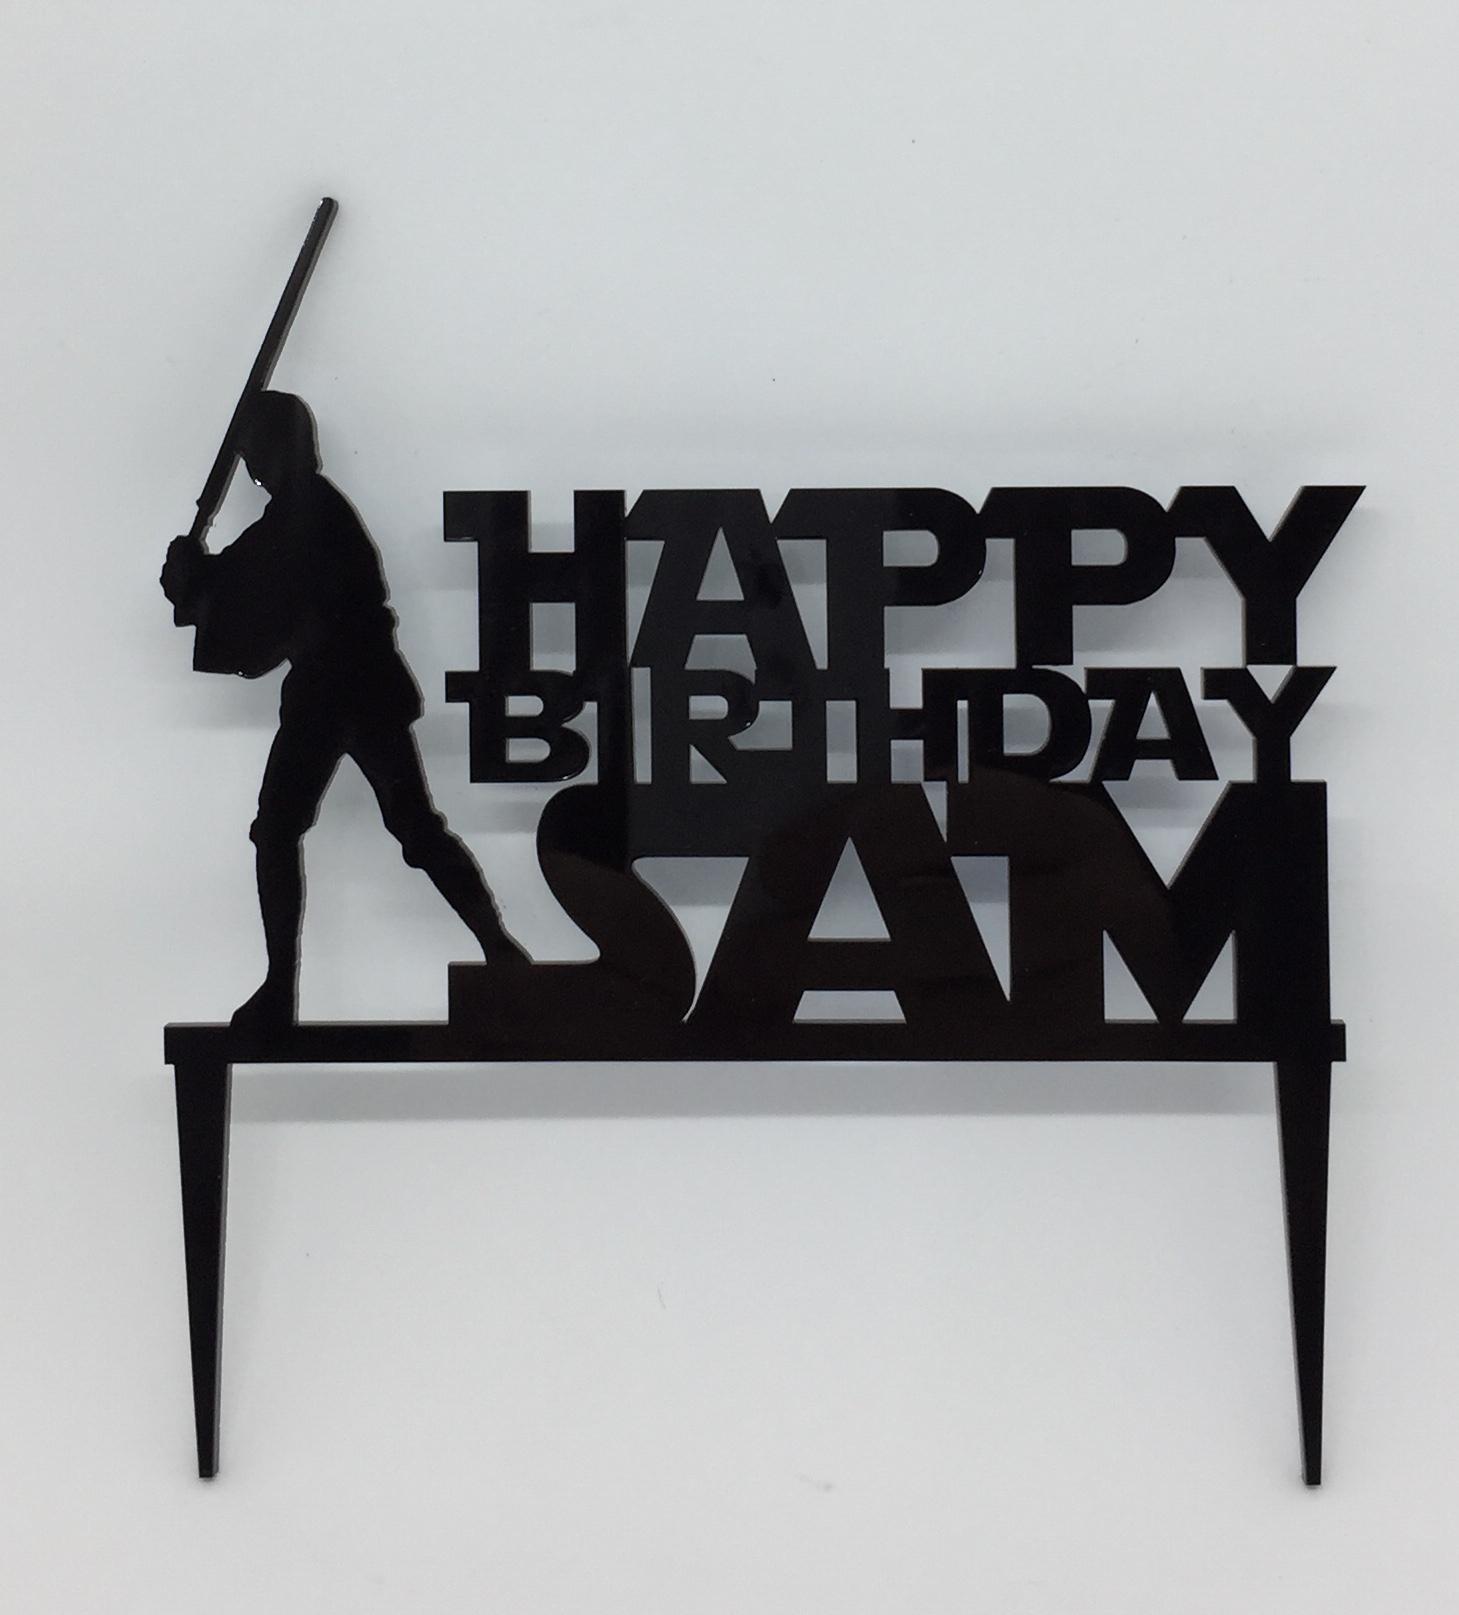 Cake topper - acrylic cake topper - star wars - luke syywalker - birthday cake topper